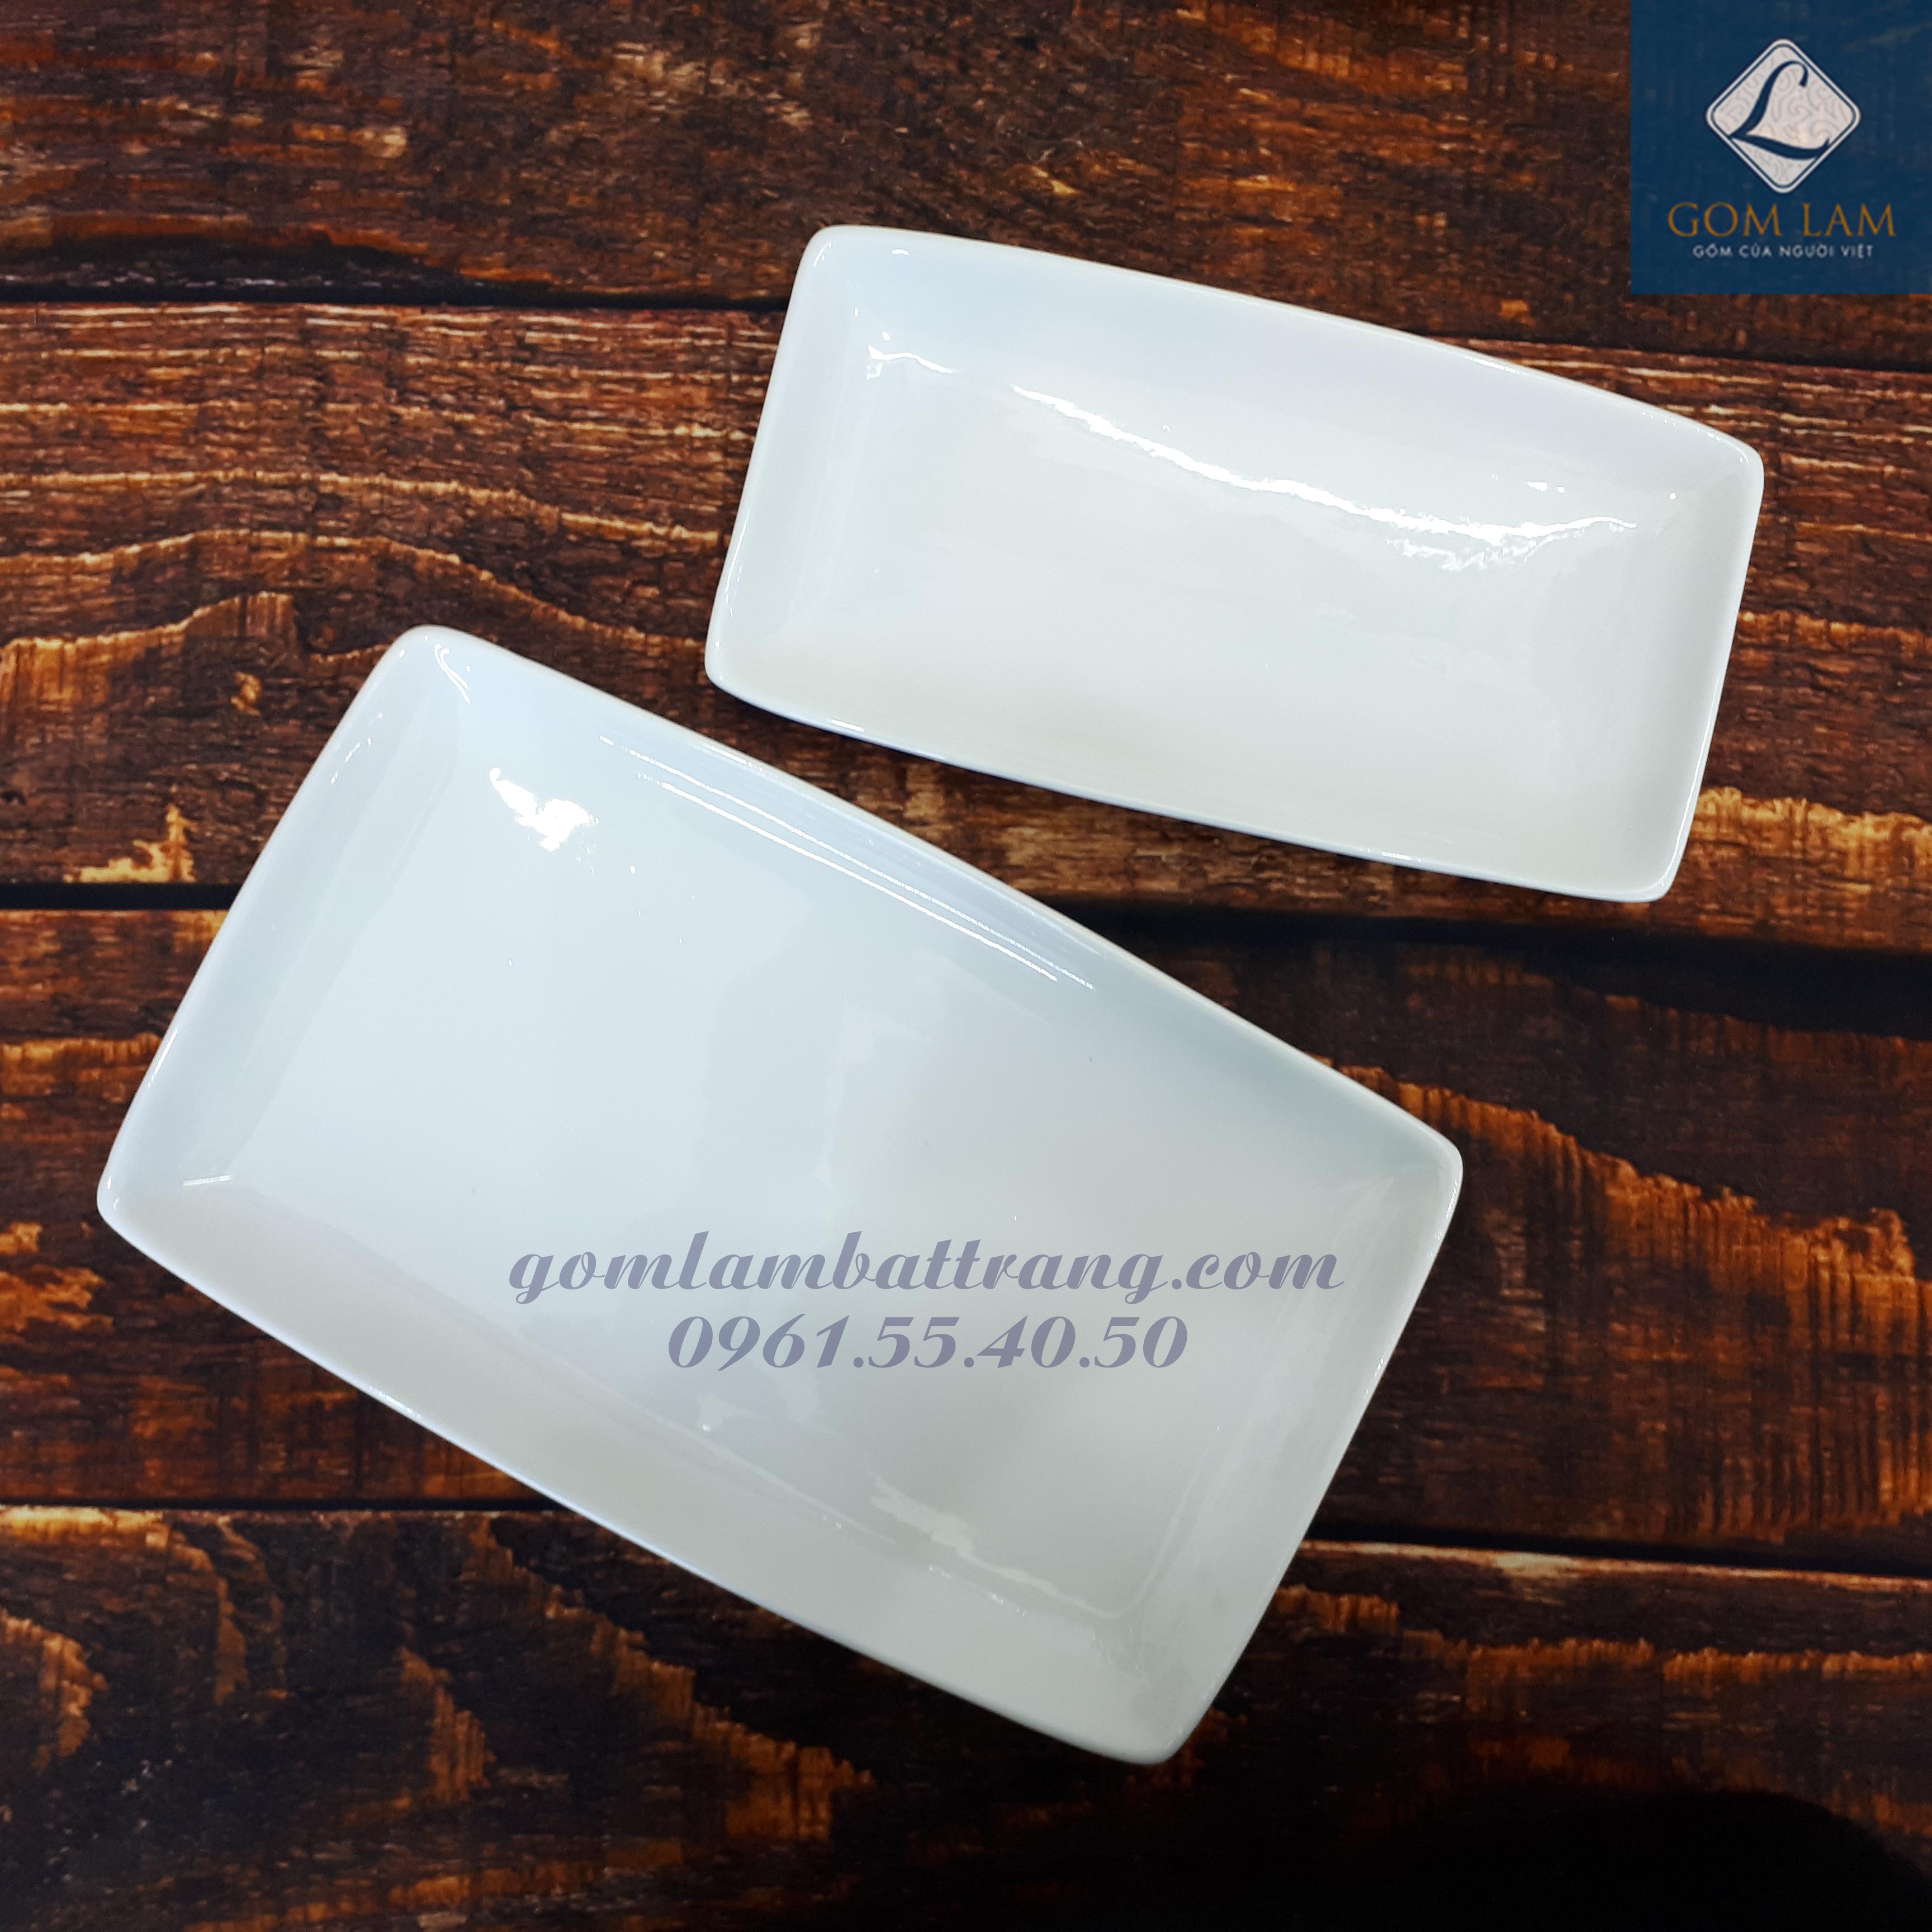 Bộ đồ ăn sứ trắng cao cấp khay chữ nhật modoo S1